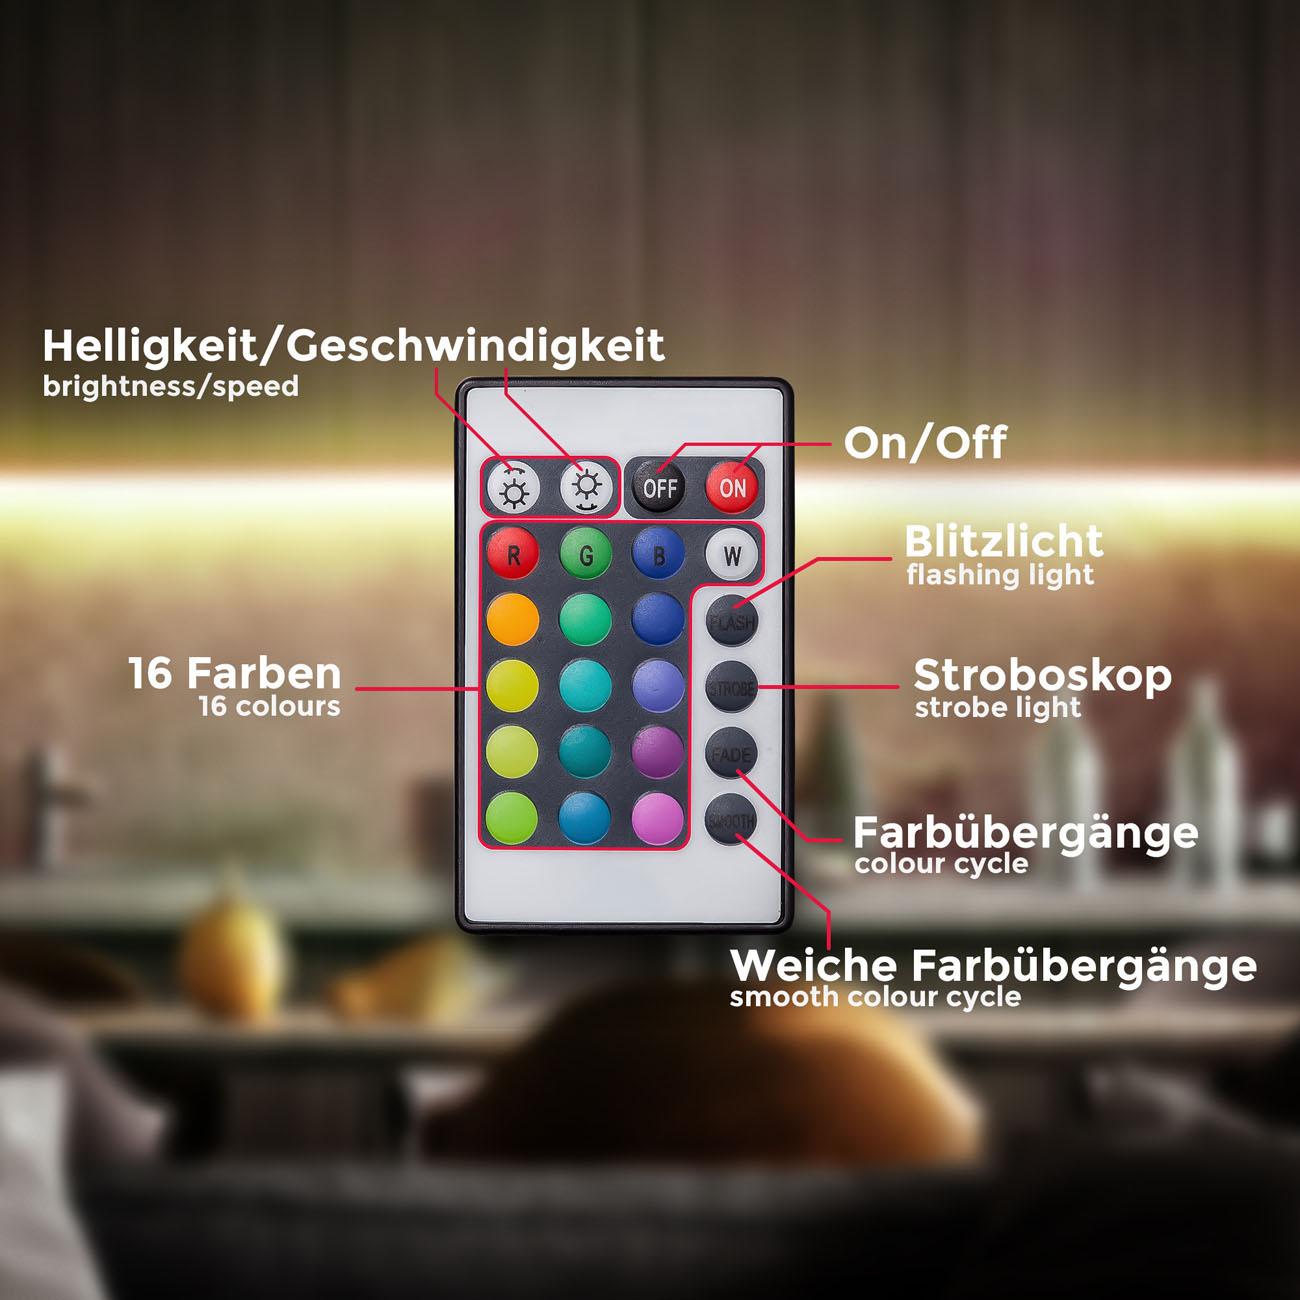 RGB LED Streifen mit Farbwechsel silikonbeschichtet 3m - 6